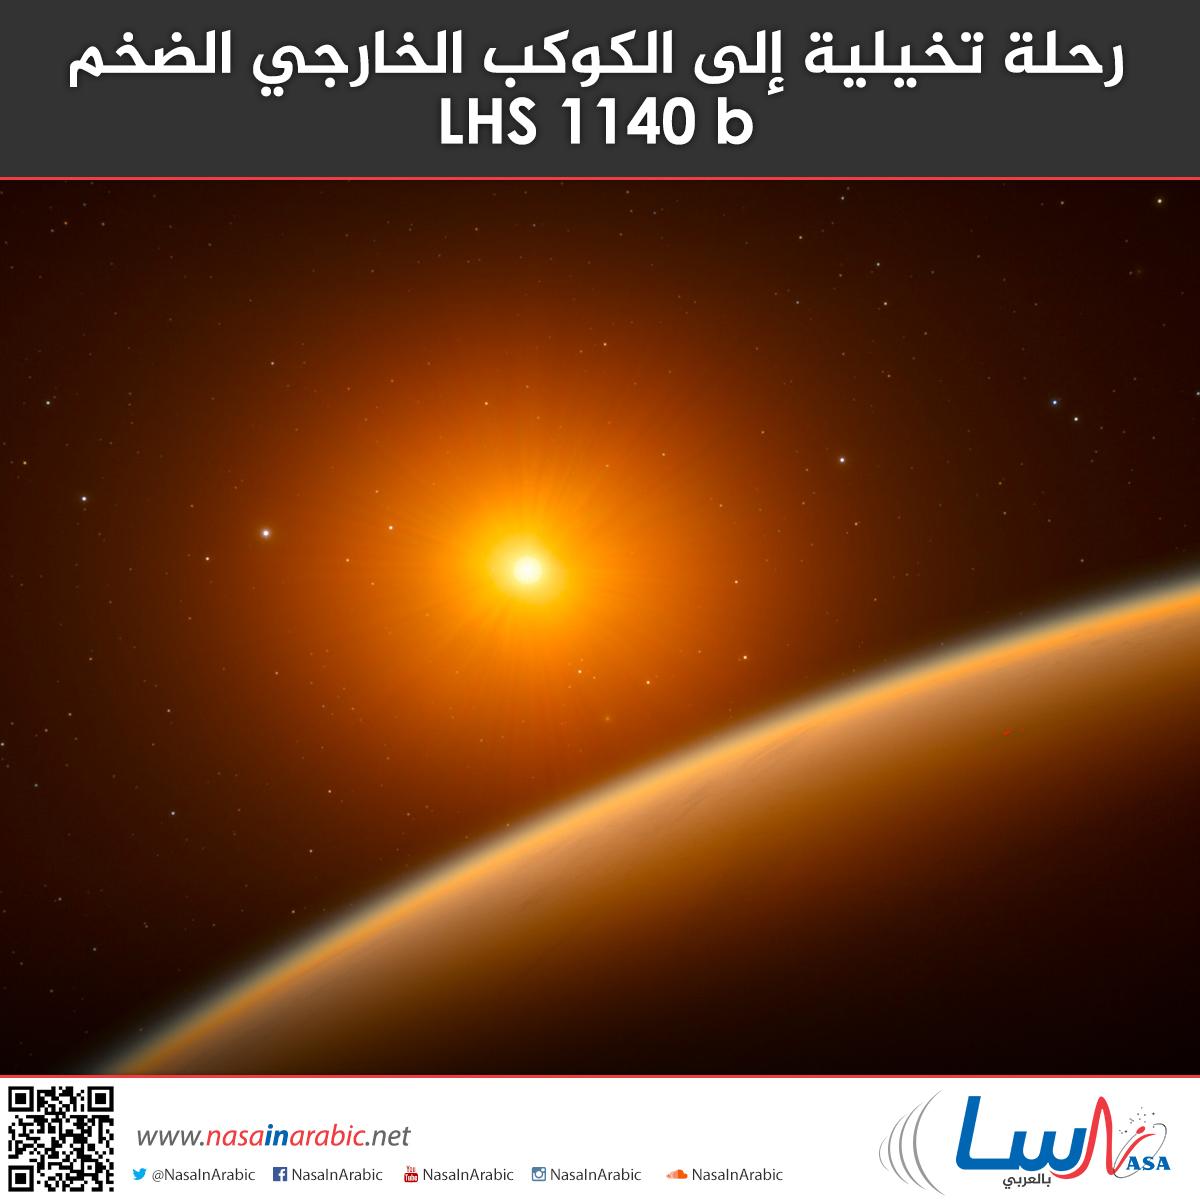 رحلة تخيلية إلى الكوكب الخارجي الضخم LHS 1140 b